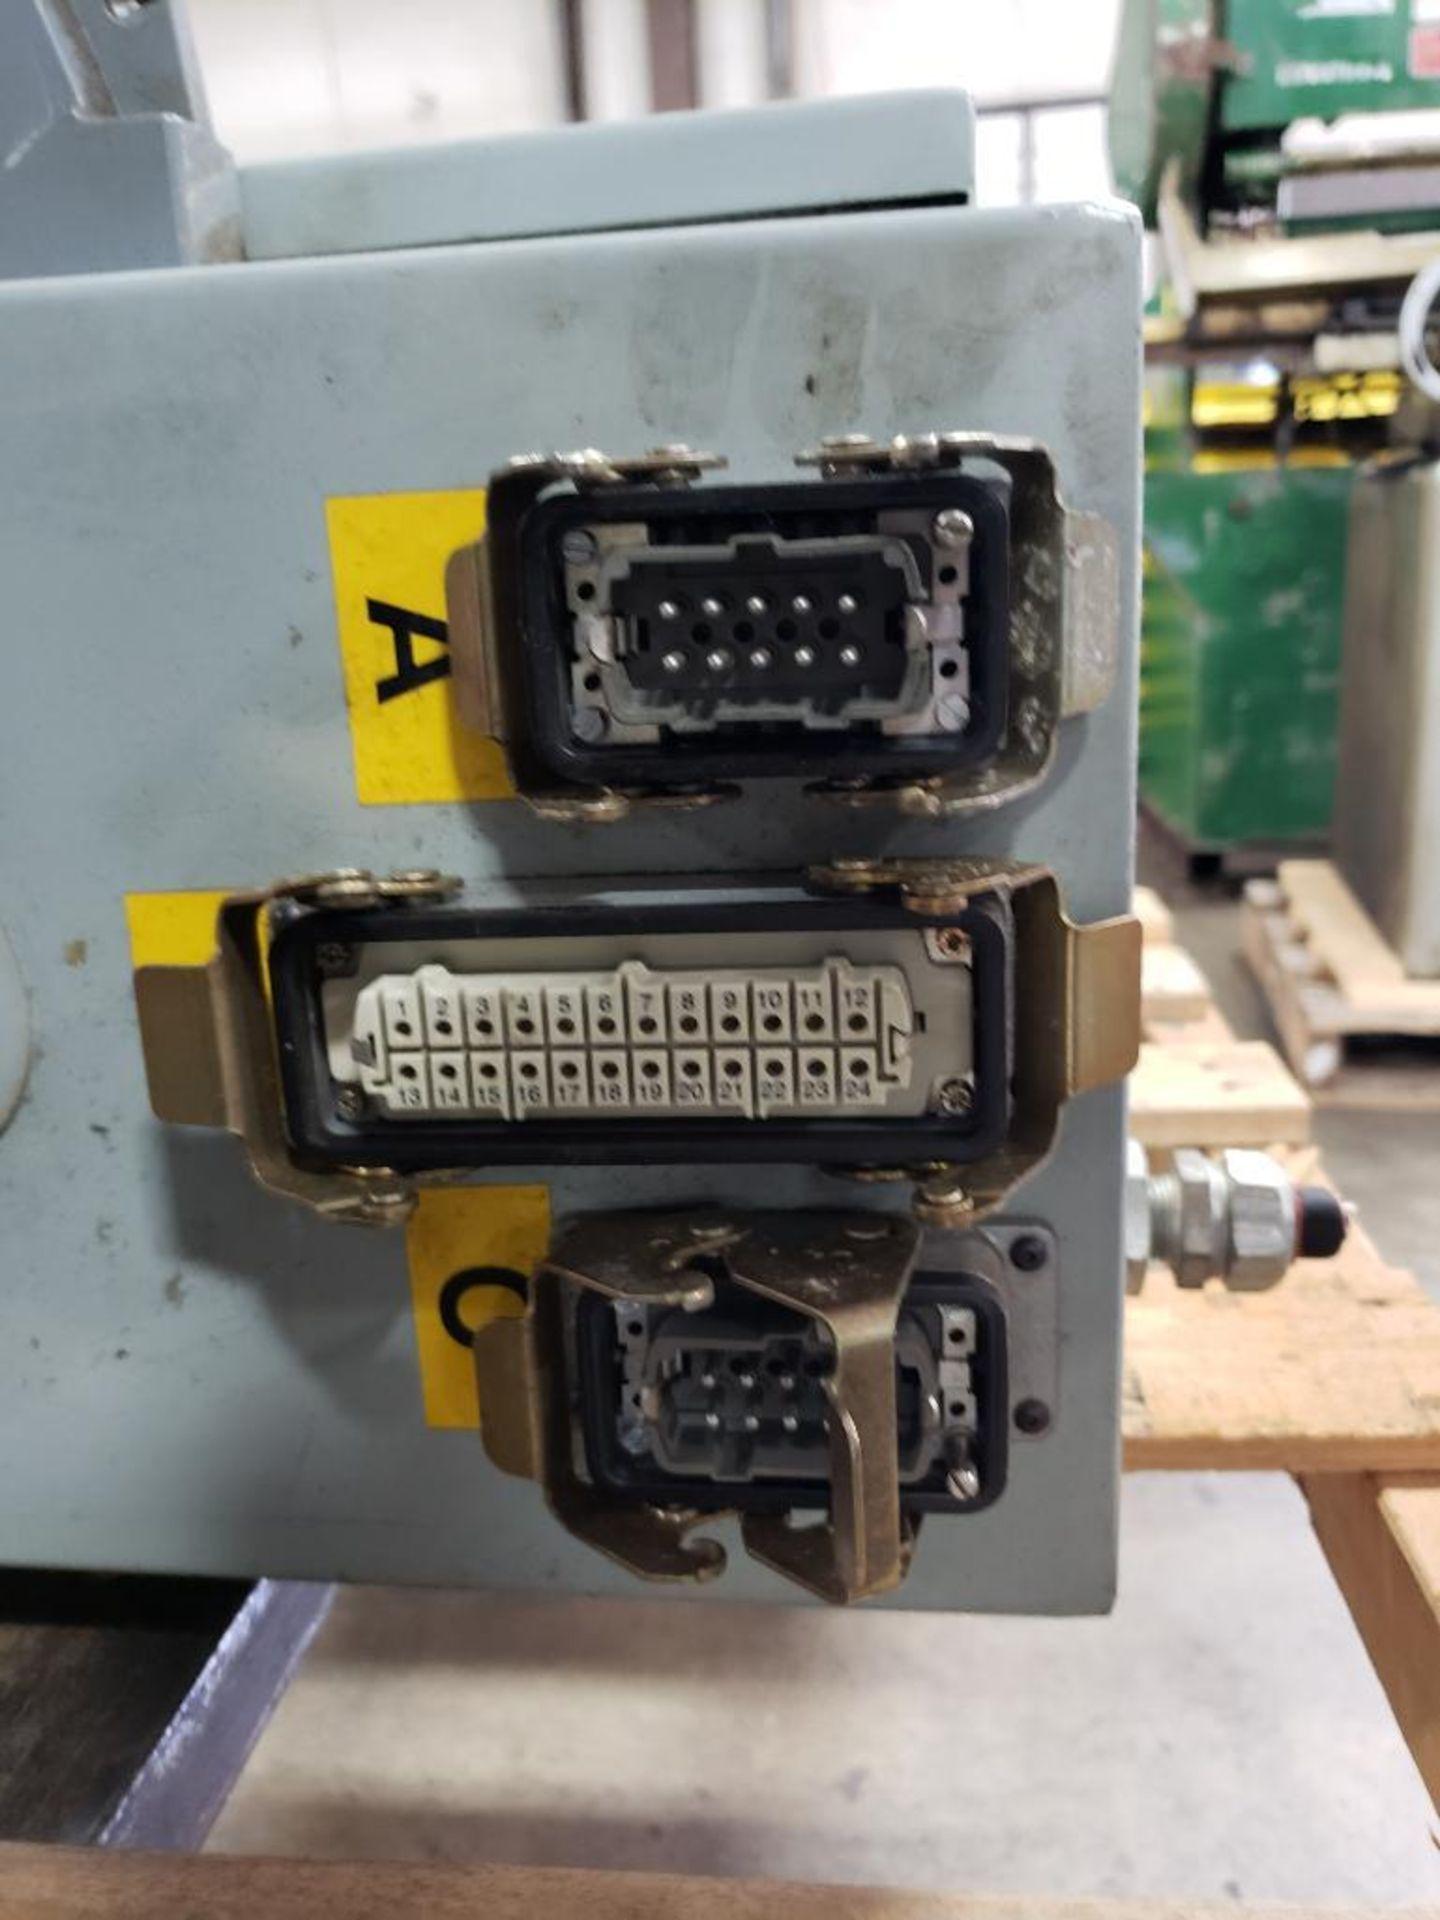 Chiller control cabinet. Hoffman enclosure, Cutler Hammer AF93AG0B007D drive, Allen Bradley drive. - Image 8 of 35